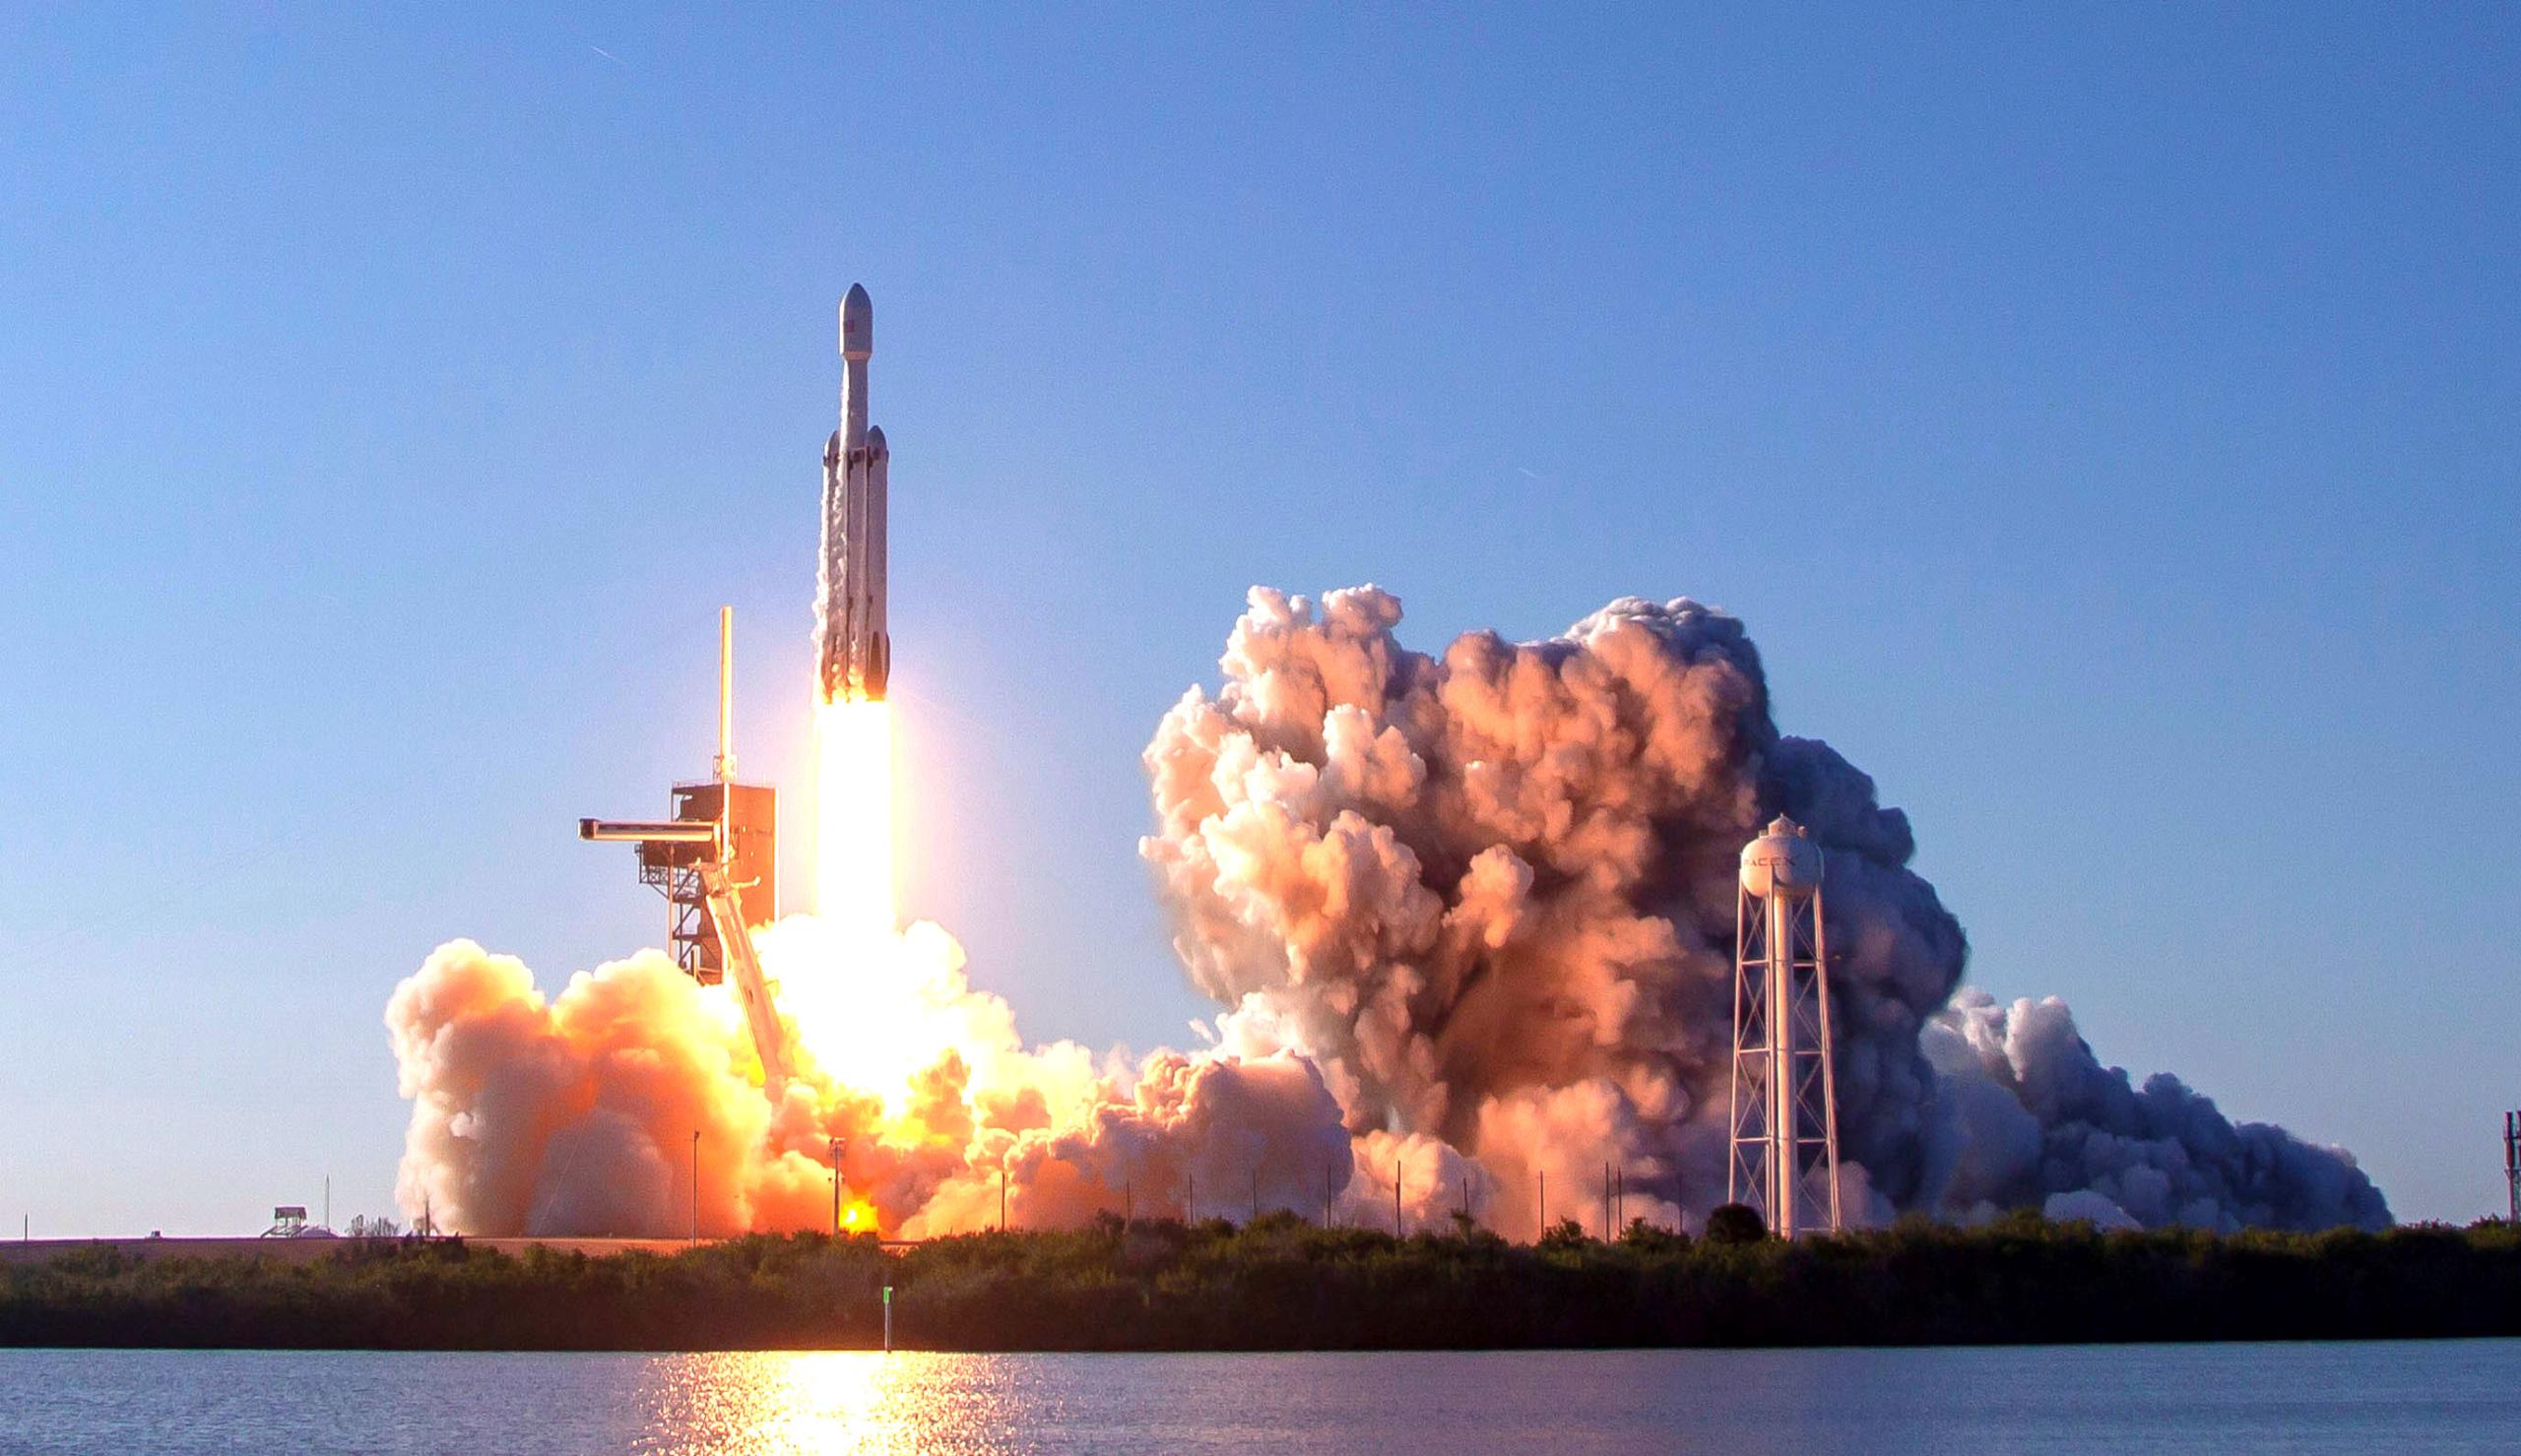 Ημέρα Ανθρώπινης Διαστημικής Πτήσης